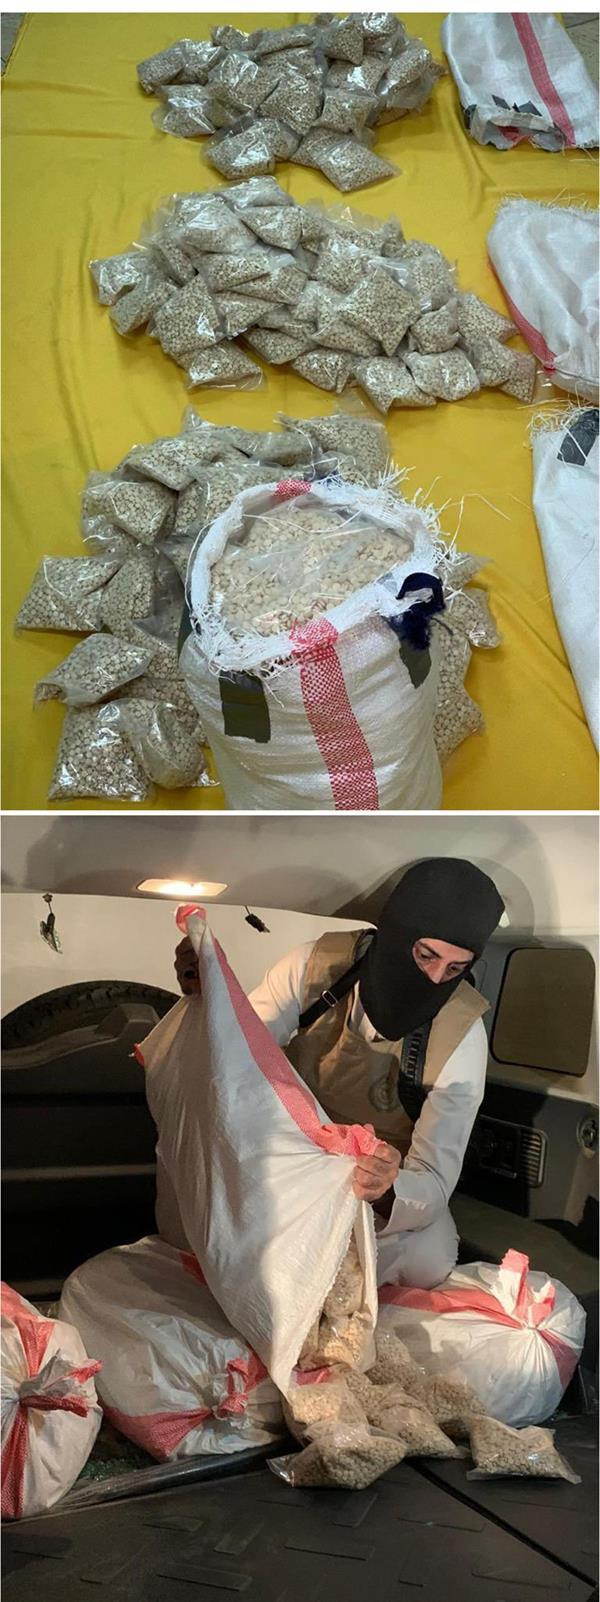 القبض على مروجَين بمنطقة عسير بعد قيامهما بنقل كمية ضخمة من الحبوب المخدرة بلغت 400 ألف قرص من مادة الأمفيتامين.